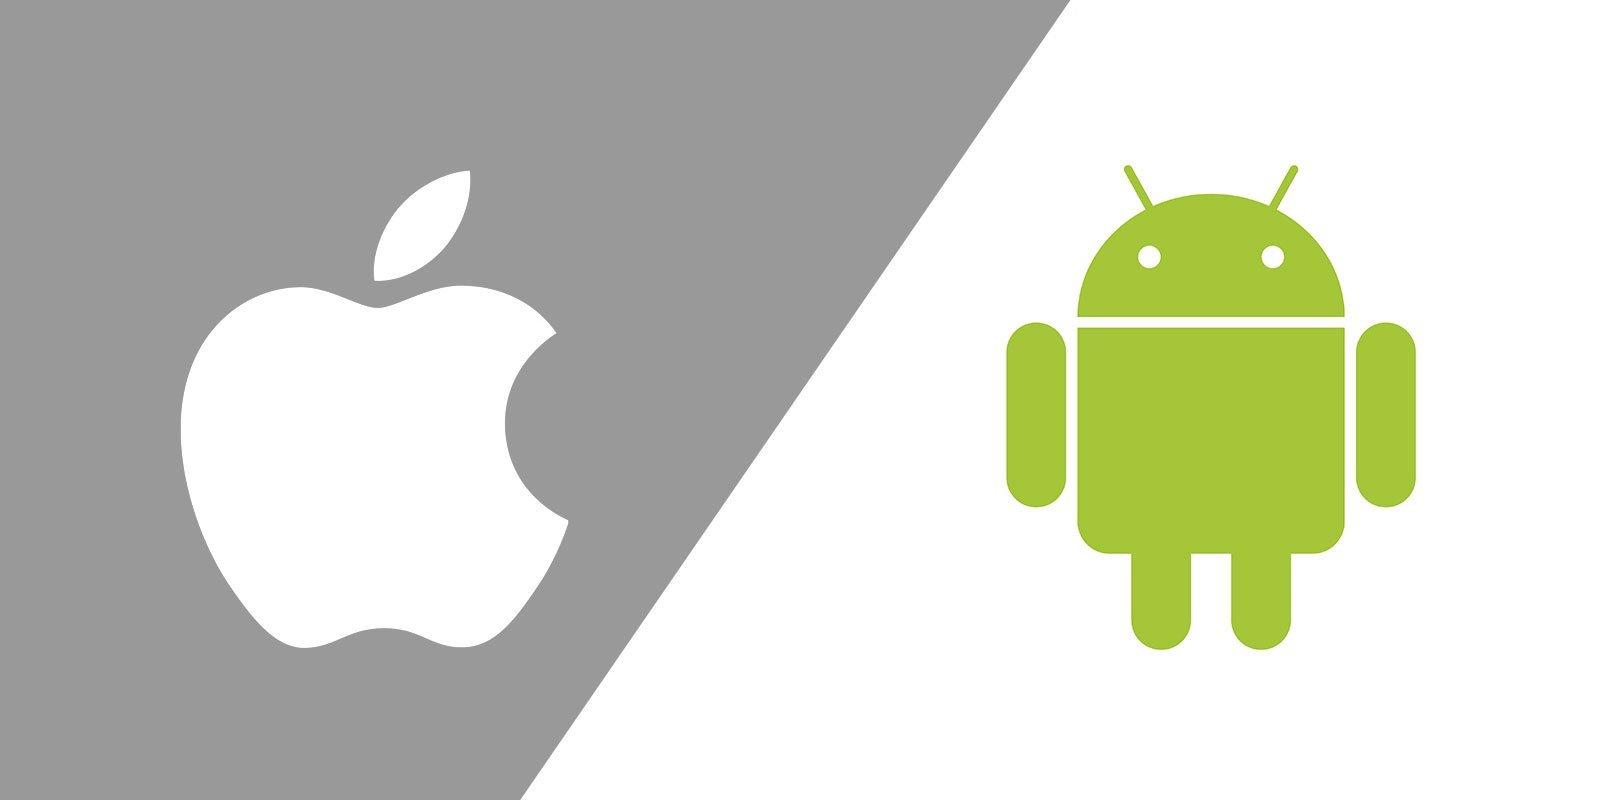 Android mi yoksa iOS mu daha fazla kazandırıyor?